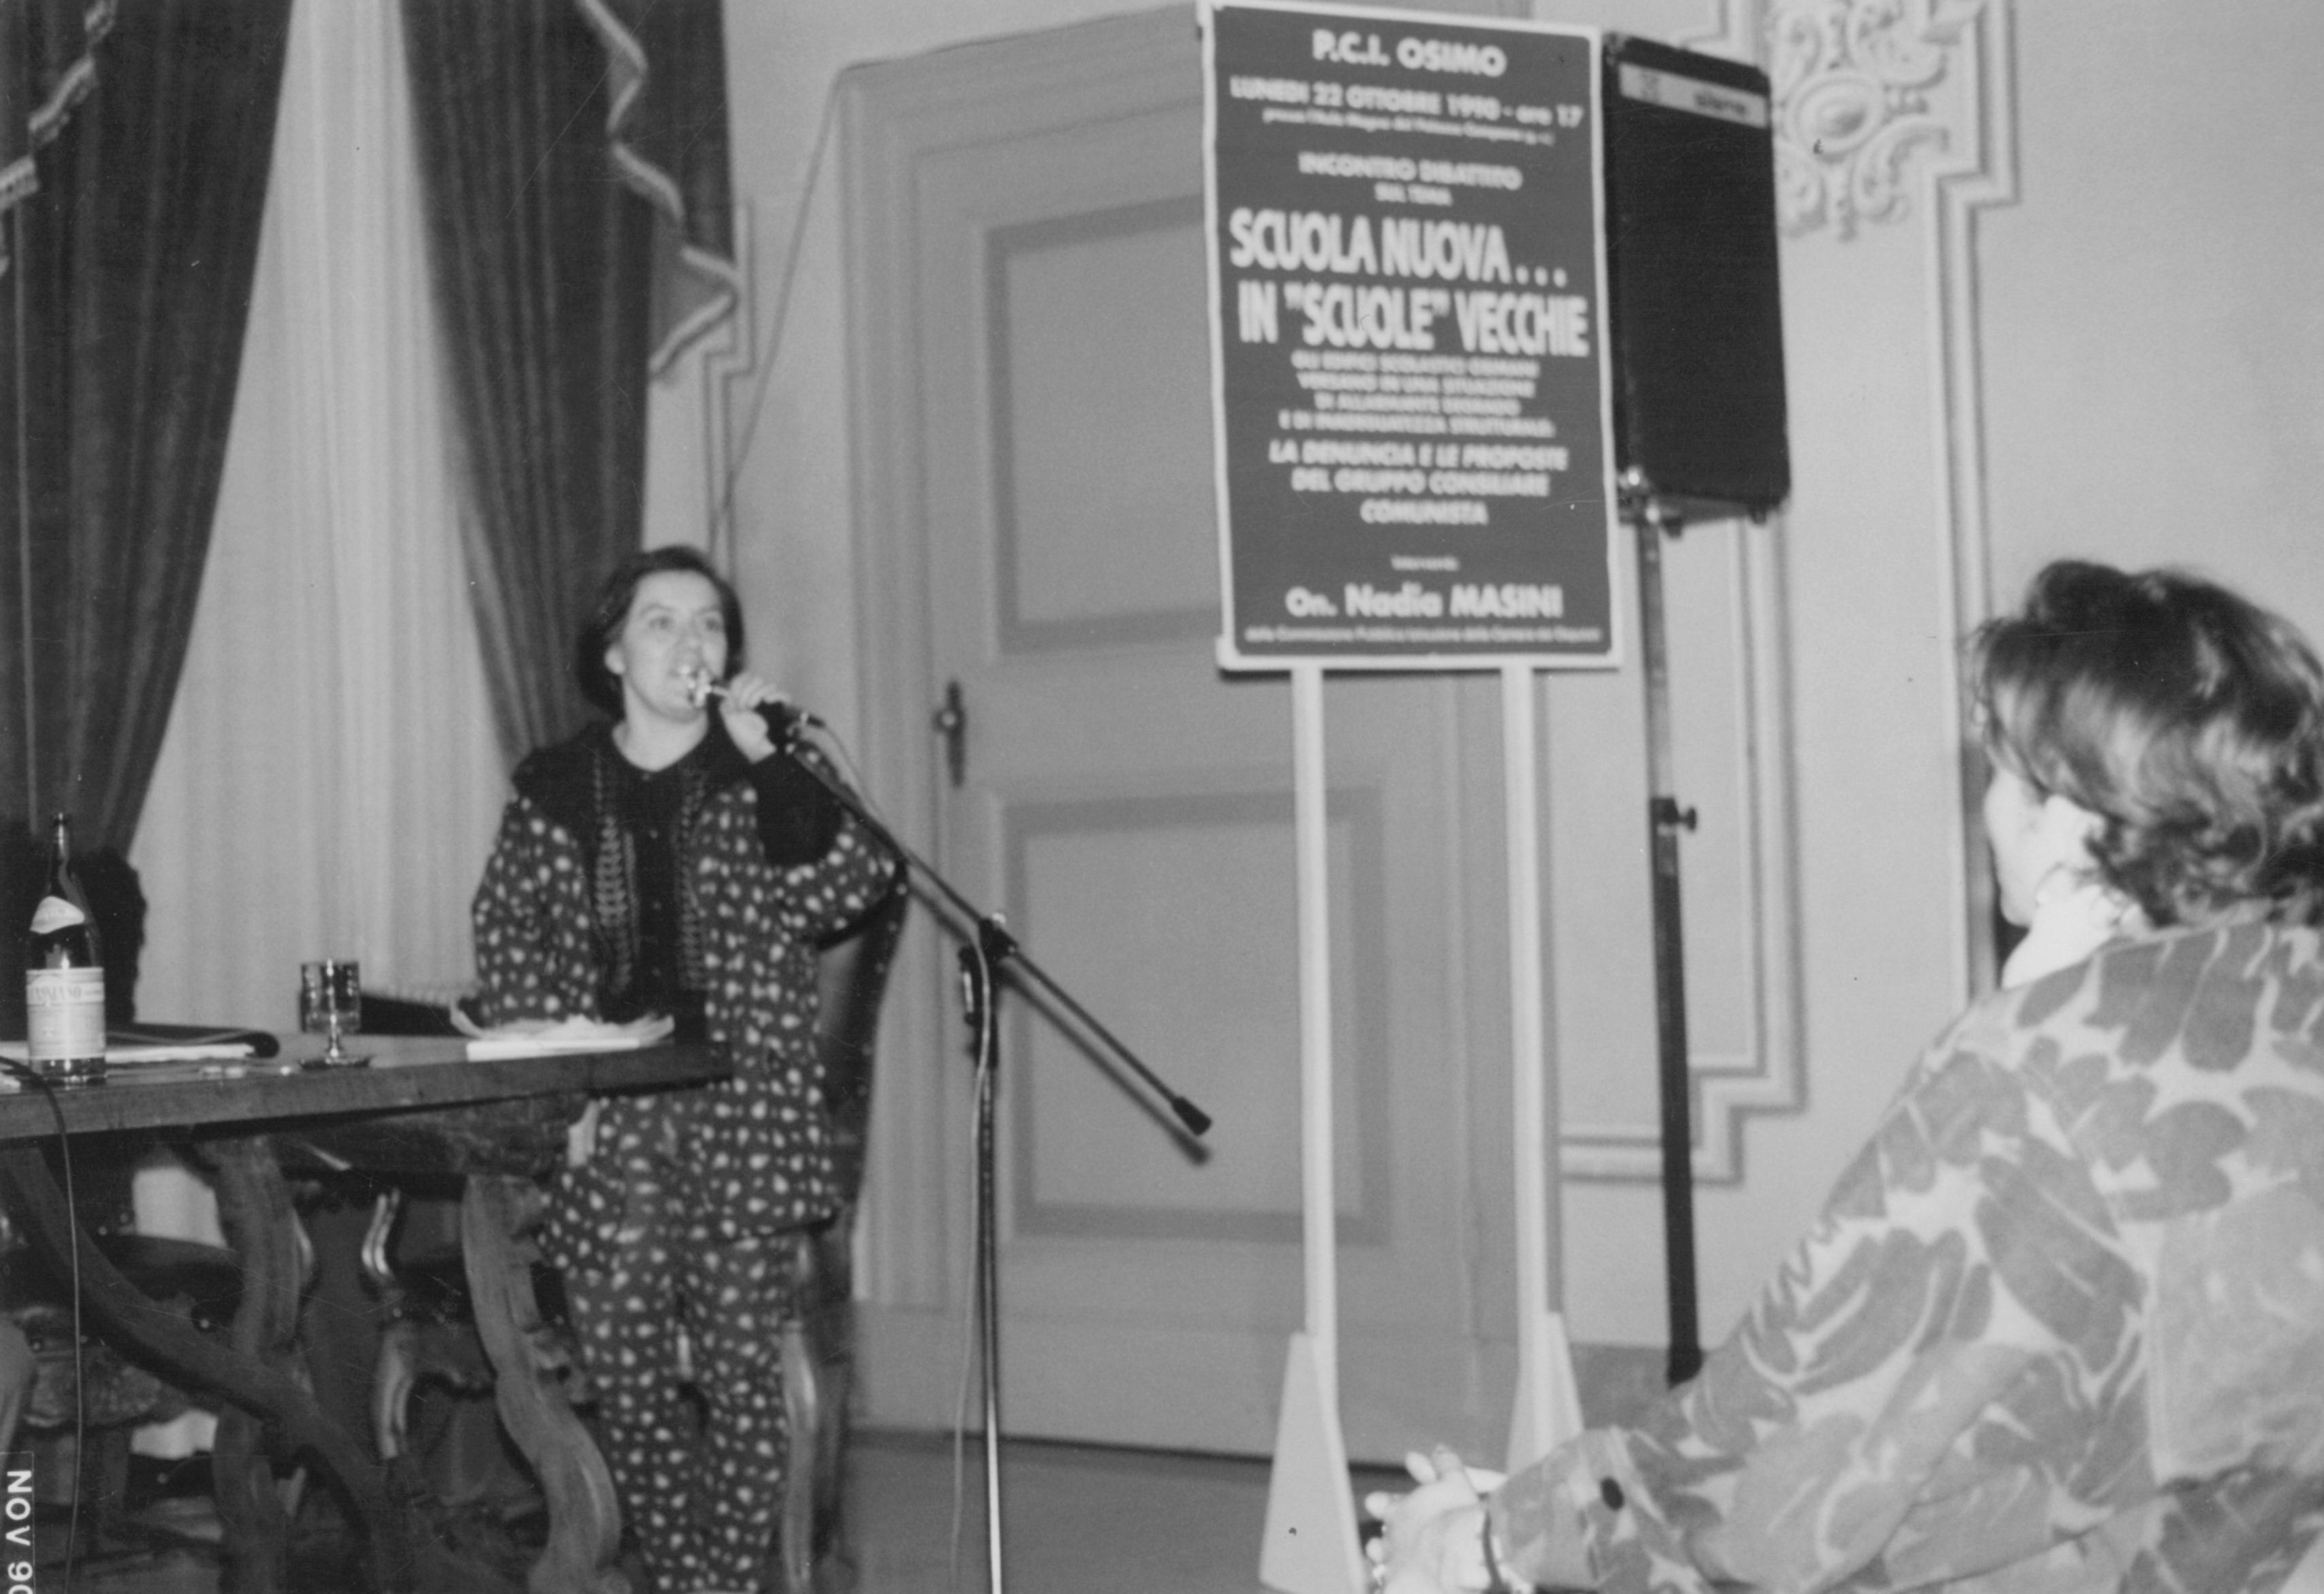 Elisabetta PASQUALINI consigliera comunale e sindacalista, ma un'unica passione: la difesa degli ultimi dei più indifesi.